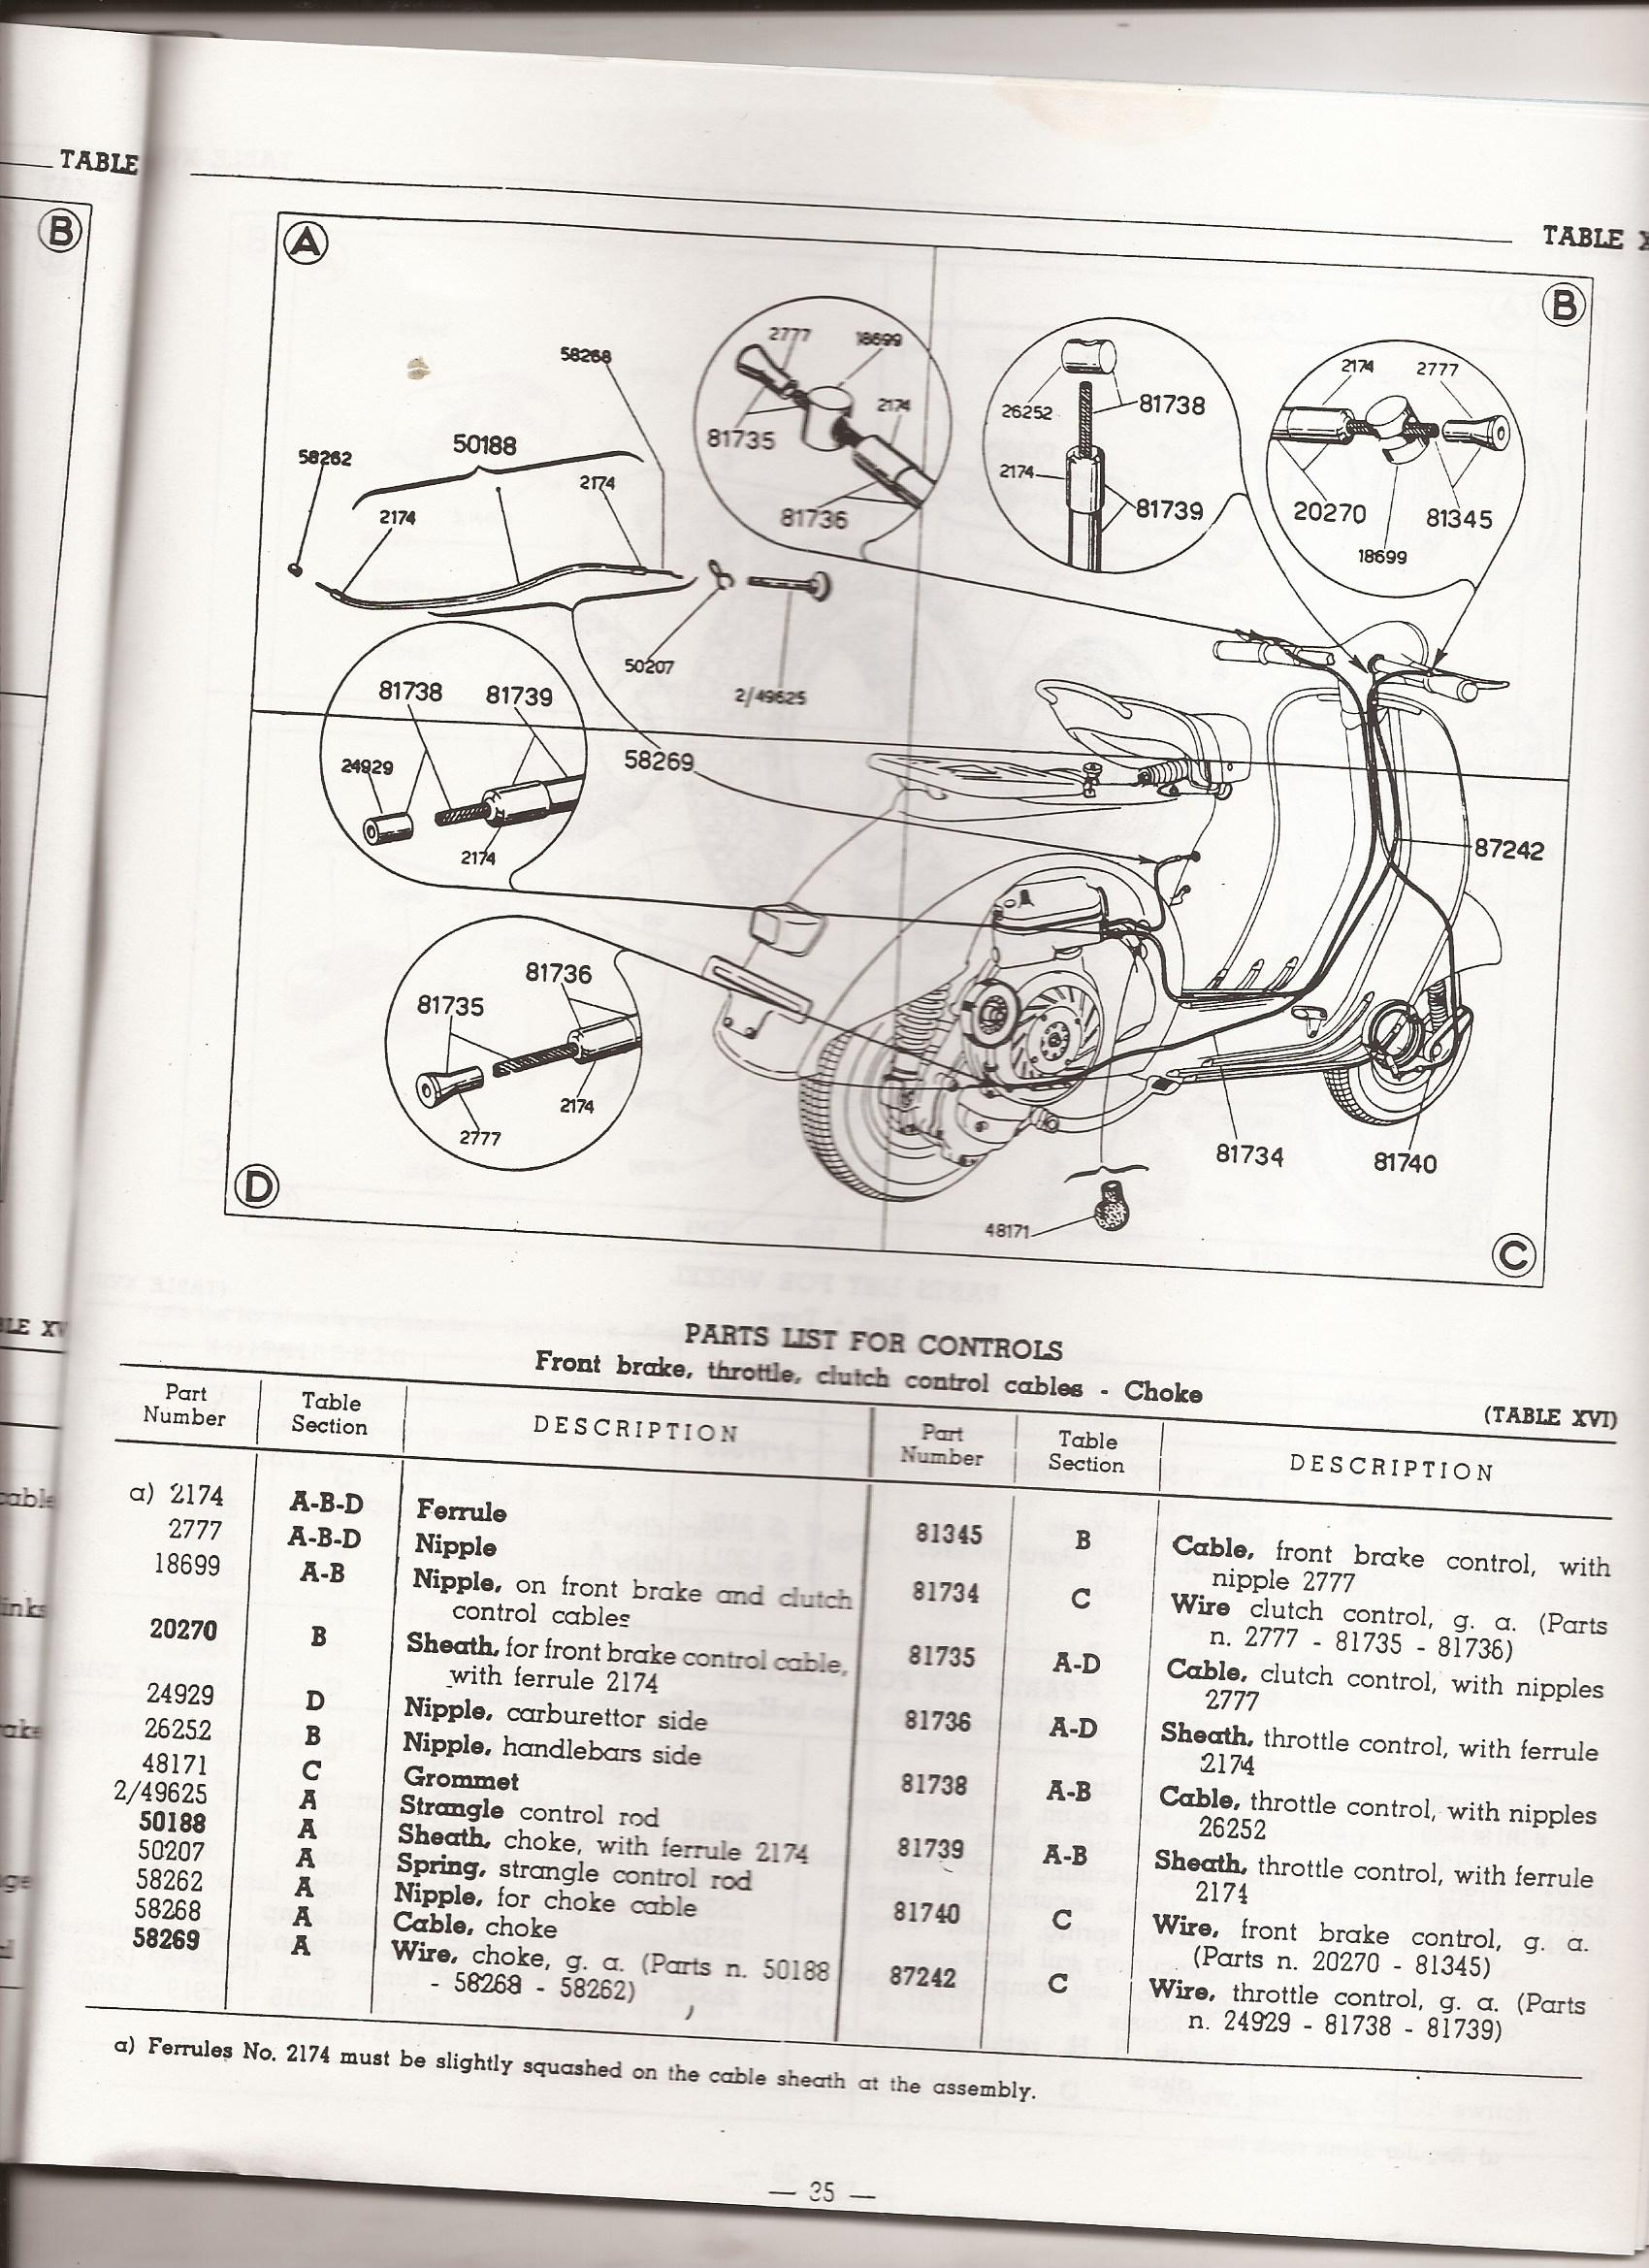 01-29-2016 Allstate manual 788 (35).png